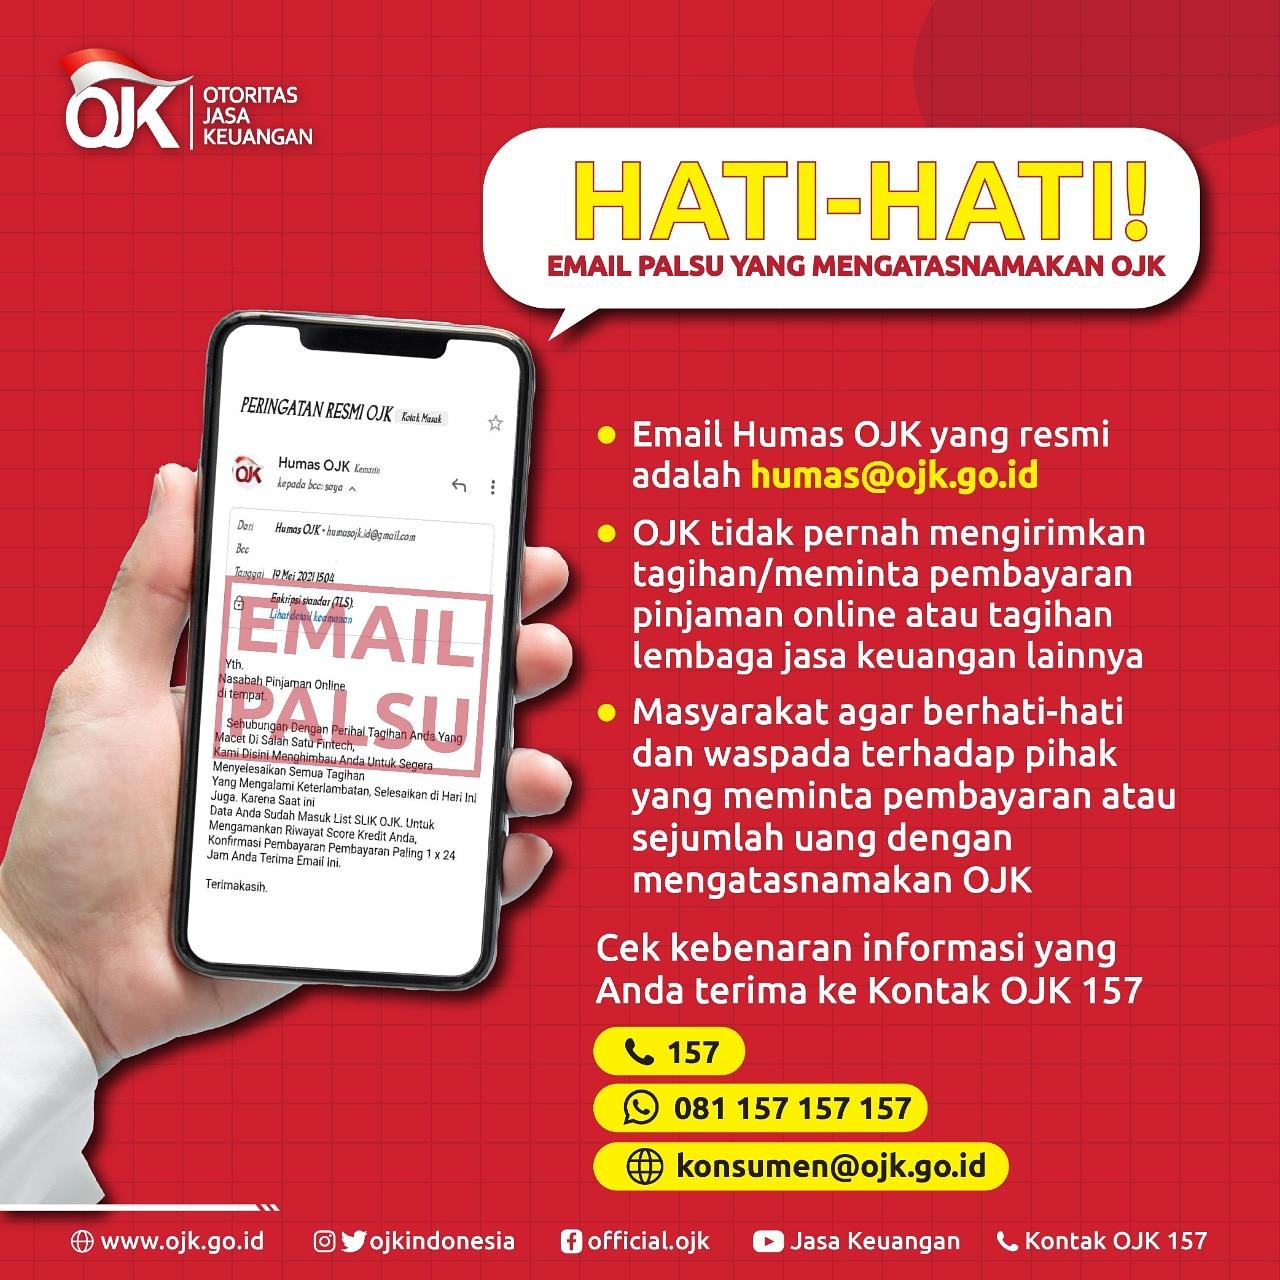 Ojk Indonesia On Twitter Hati Hati Email Palsu Yang Mengatasnamakan Ojk Sobat Ojk Sehubungan Dengan Adanya Email Palsu Yang Mengatasnamakan Humas Ojk Dengan Meminta Sejumlah Pembayaran Dapat Kami Sampaikan Bahwa Email Humas